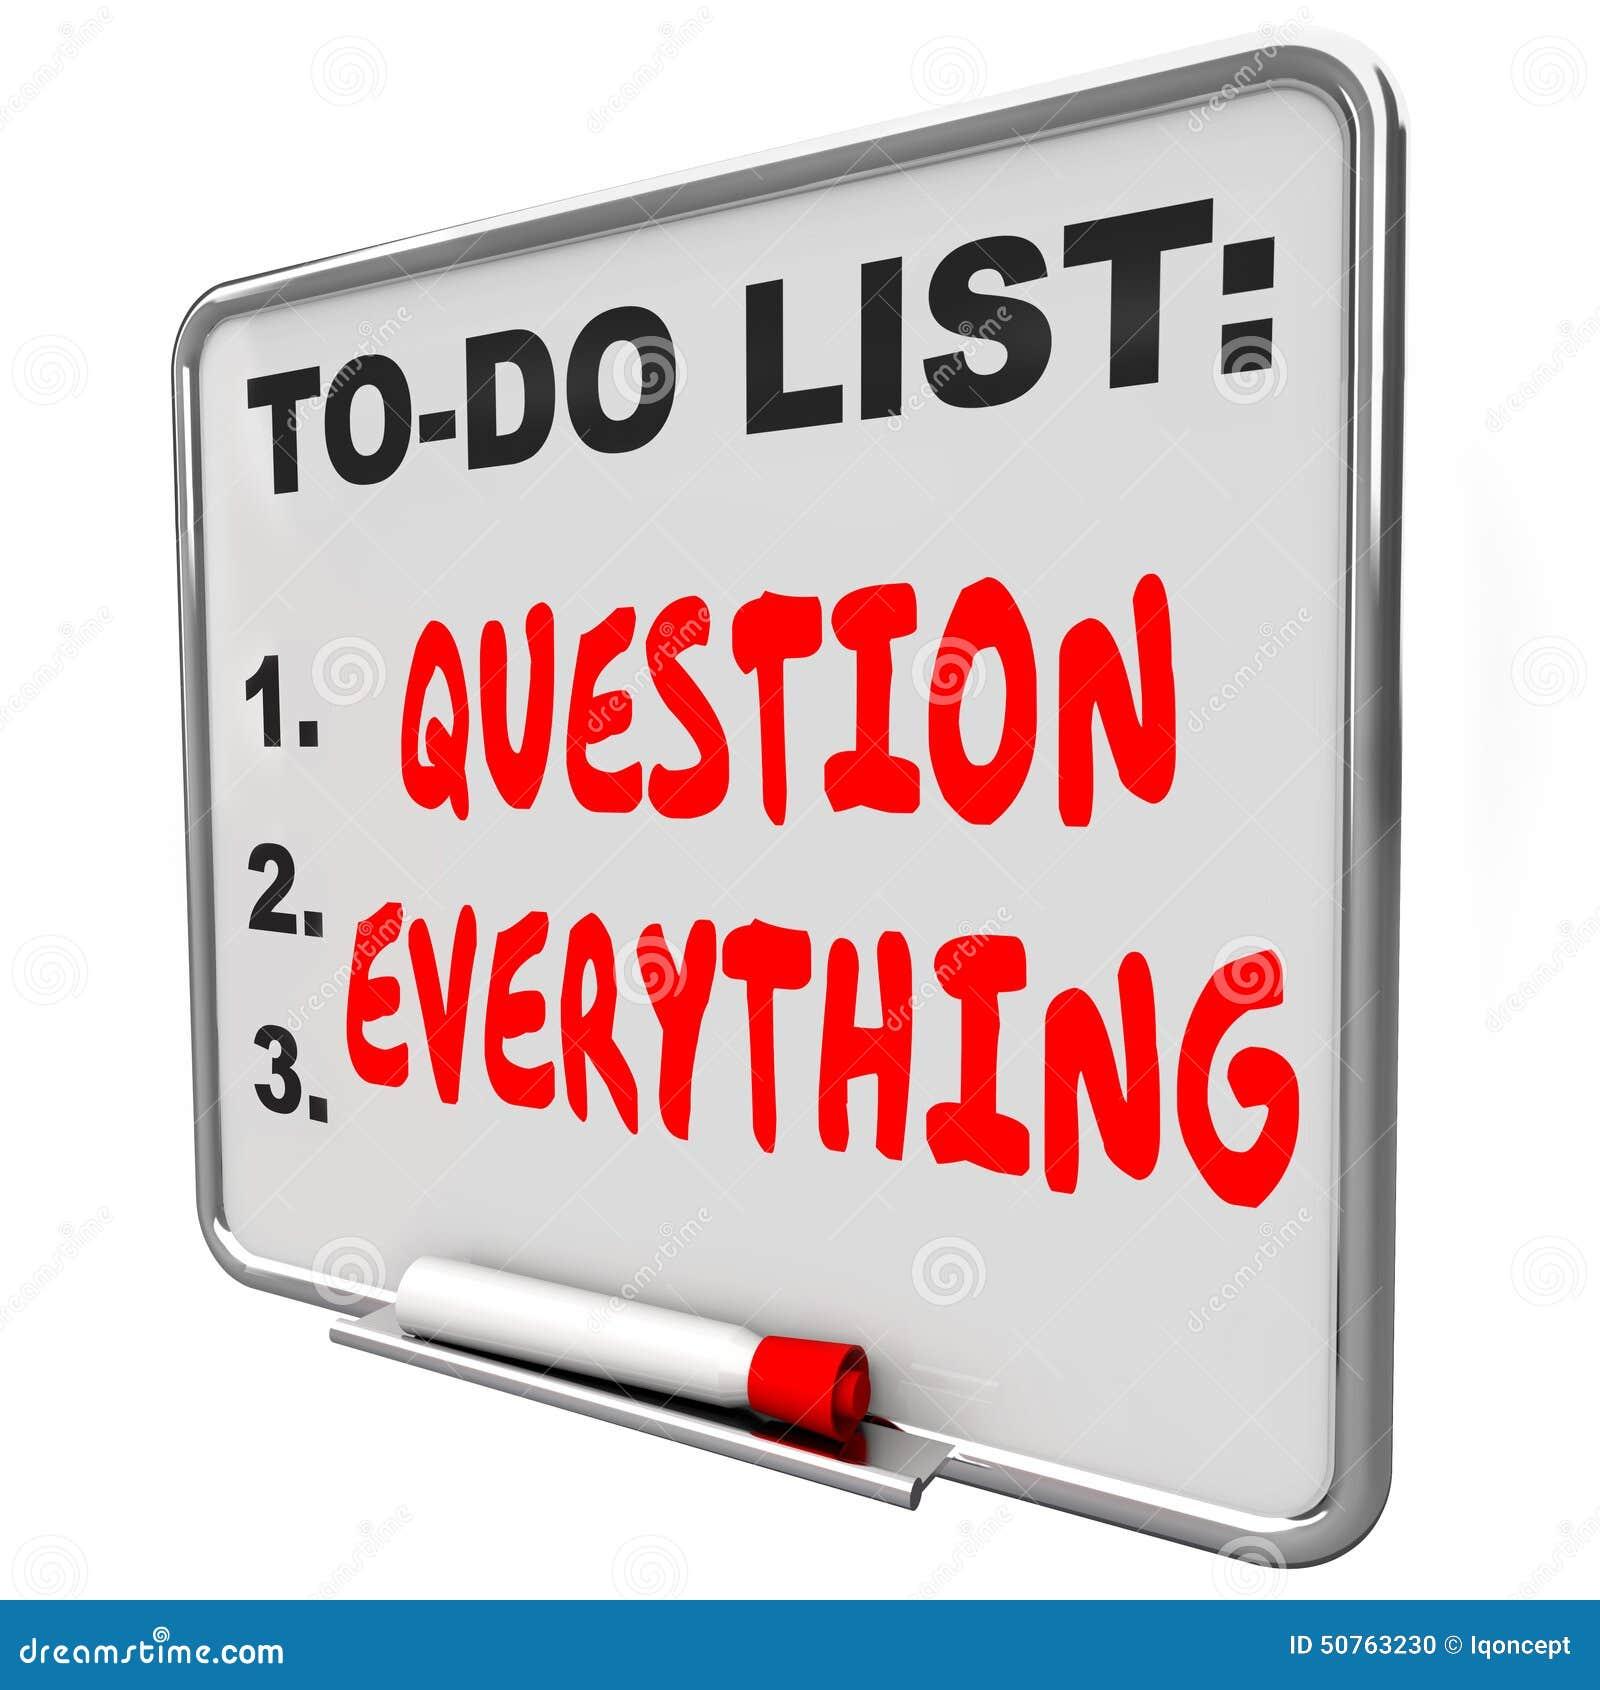 El tablero de mensajes de Everyting de la pregunta no confía en autoridad de las reglas